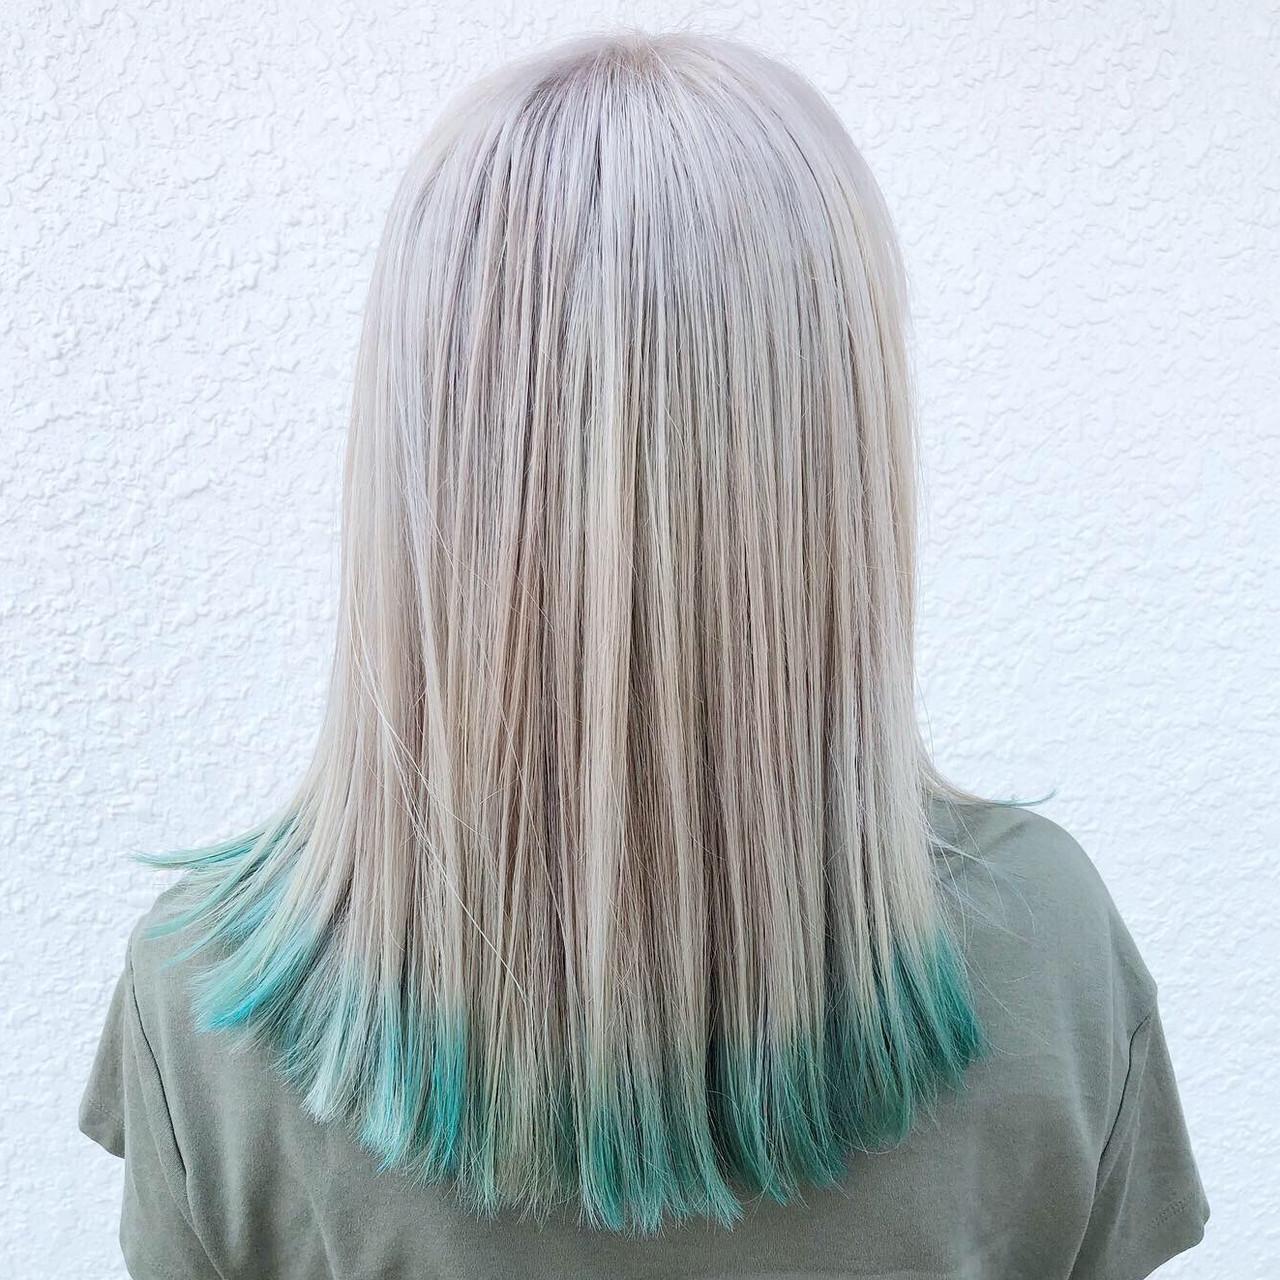 ブリーチ フェミニン ホワイトブリーチ 外国人風カラー ヘアスタイルや髪型の写真・画像